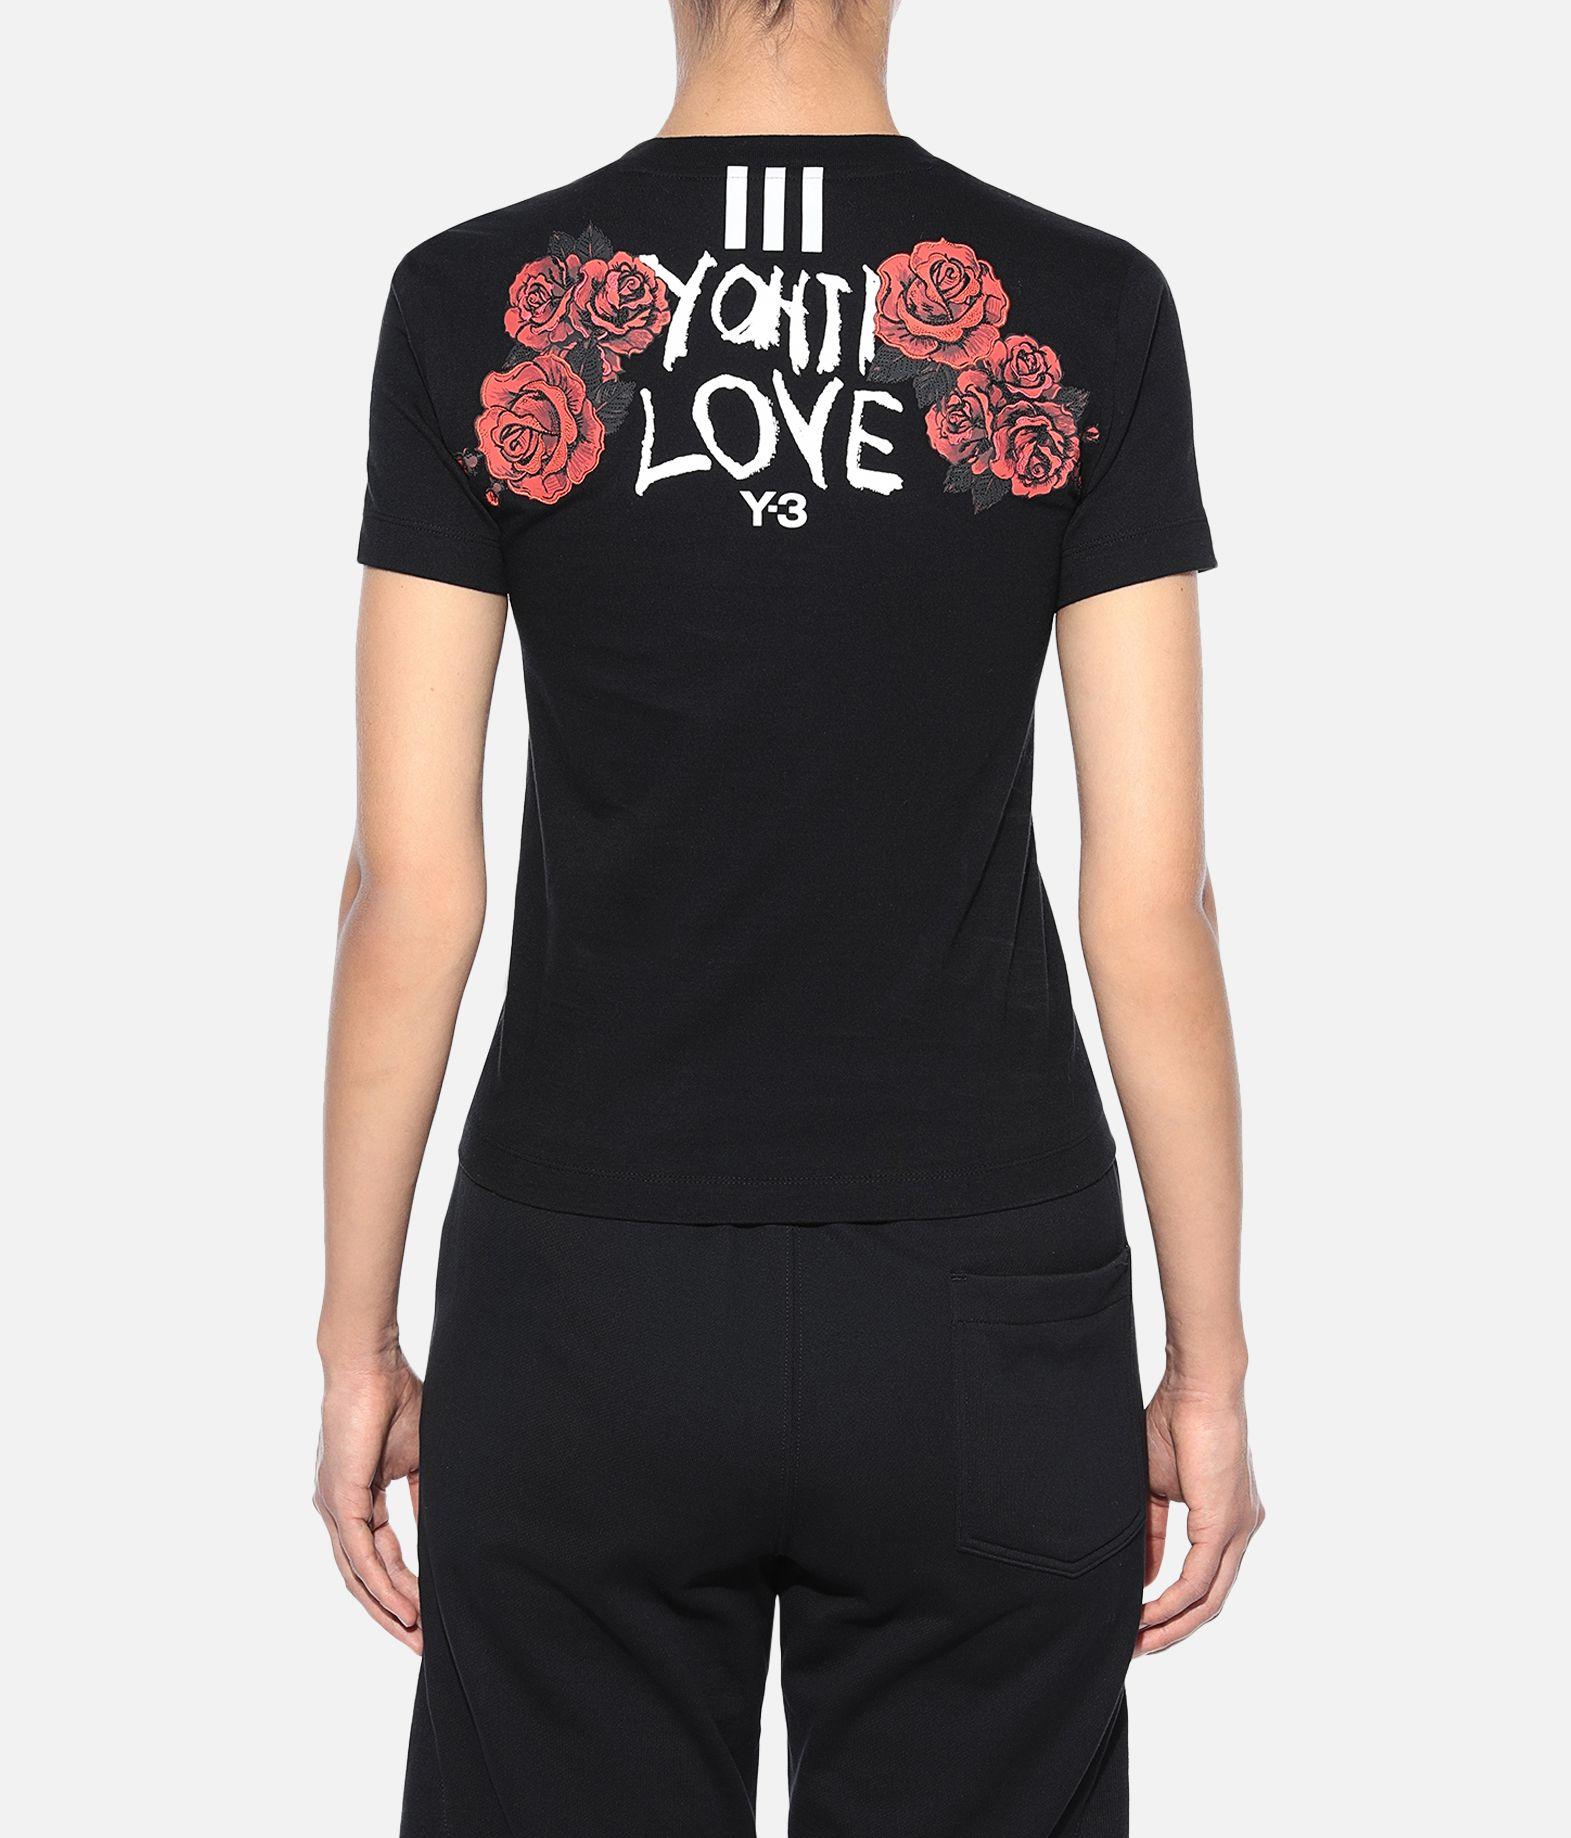 Y-3 Y-3 Yohji Love Tubular Tee T-shirt maniche corte Donna d